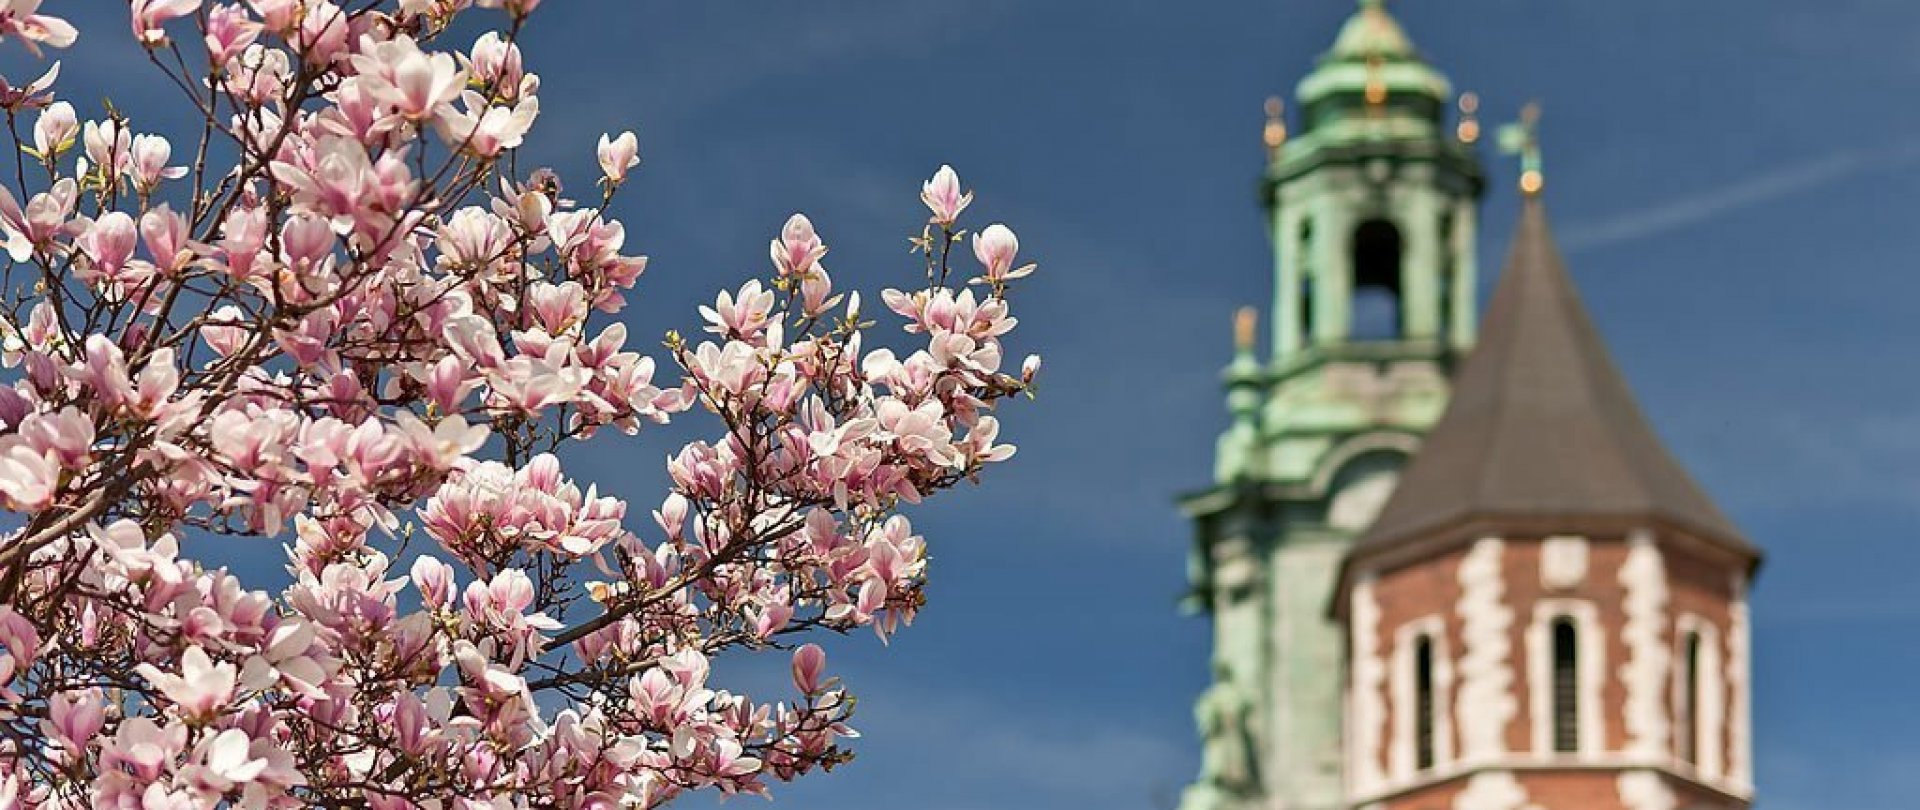 Romantic Spring in Krakow/Wiosna w Krakowie